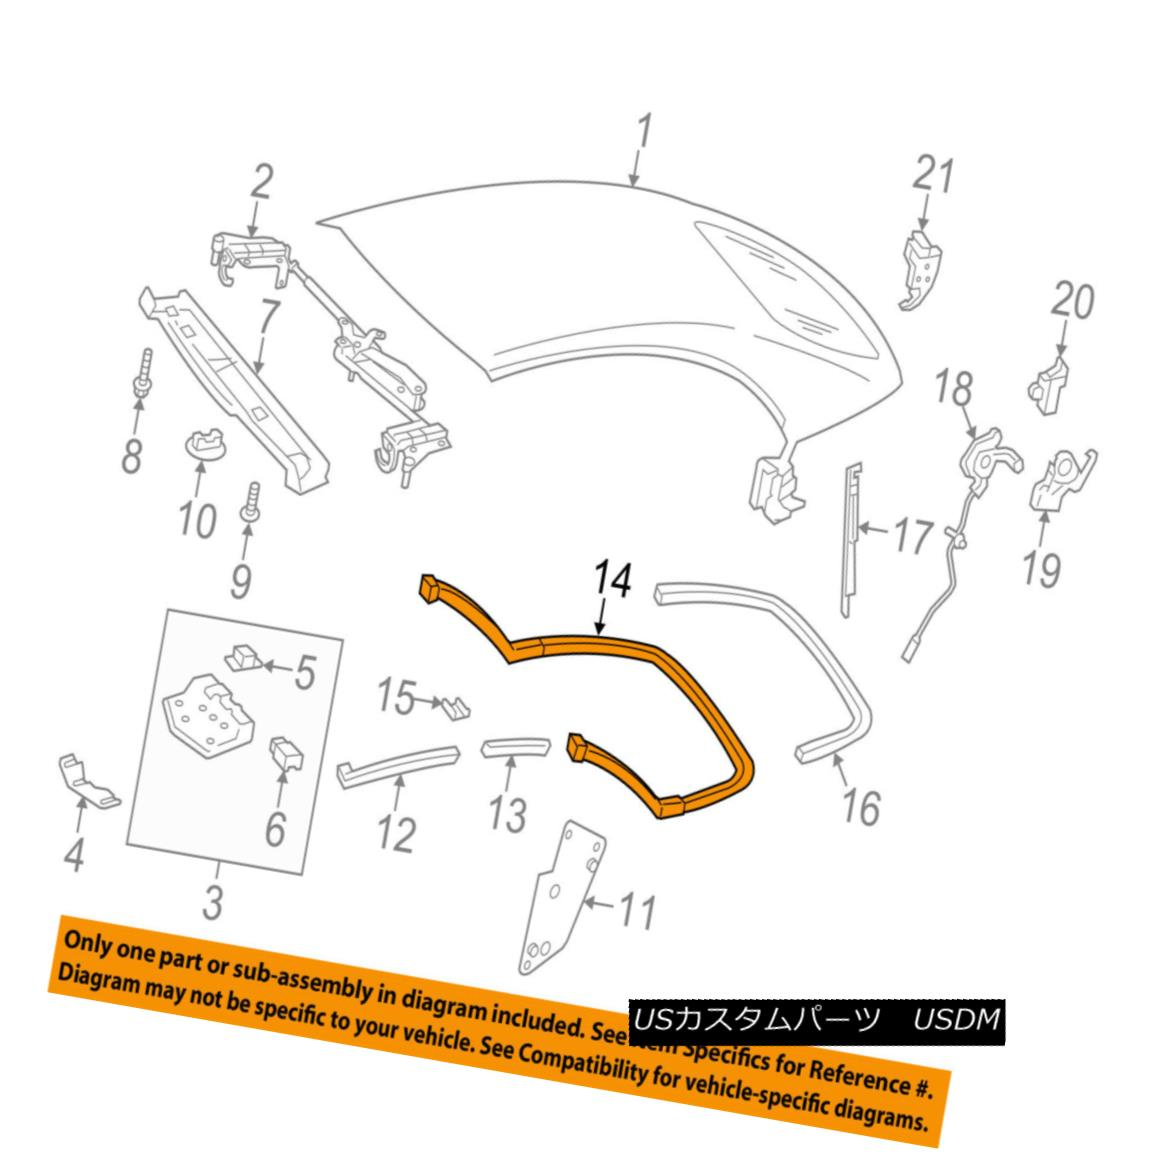 幌・ソフトトップ MERCEDES OEM 11-14 E350 Convertible/soft Top-Sealing Strip 2097700098 MERCEDES OEM 11-14 E350コンバーチブル/ so ftトップシーリングストリップ2097700098